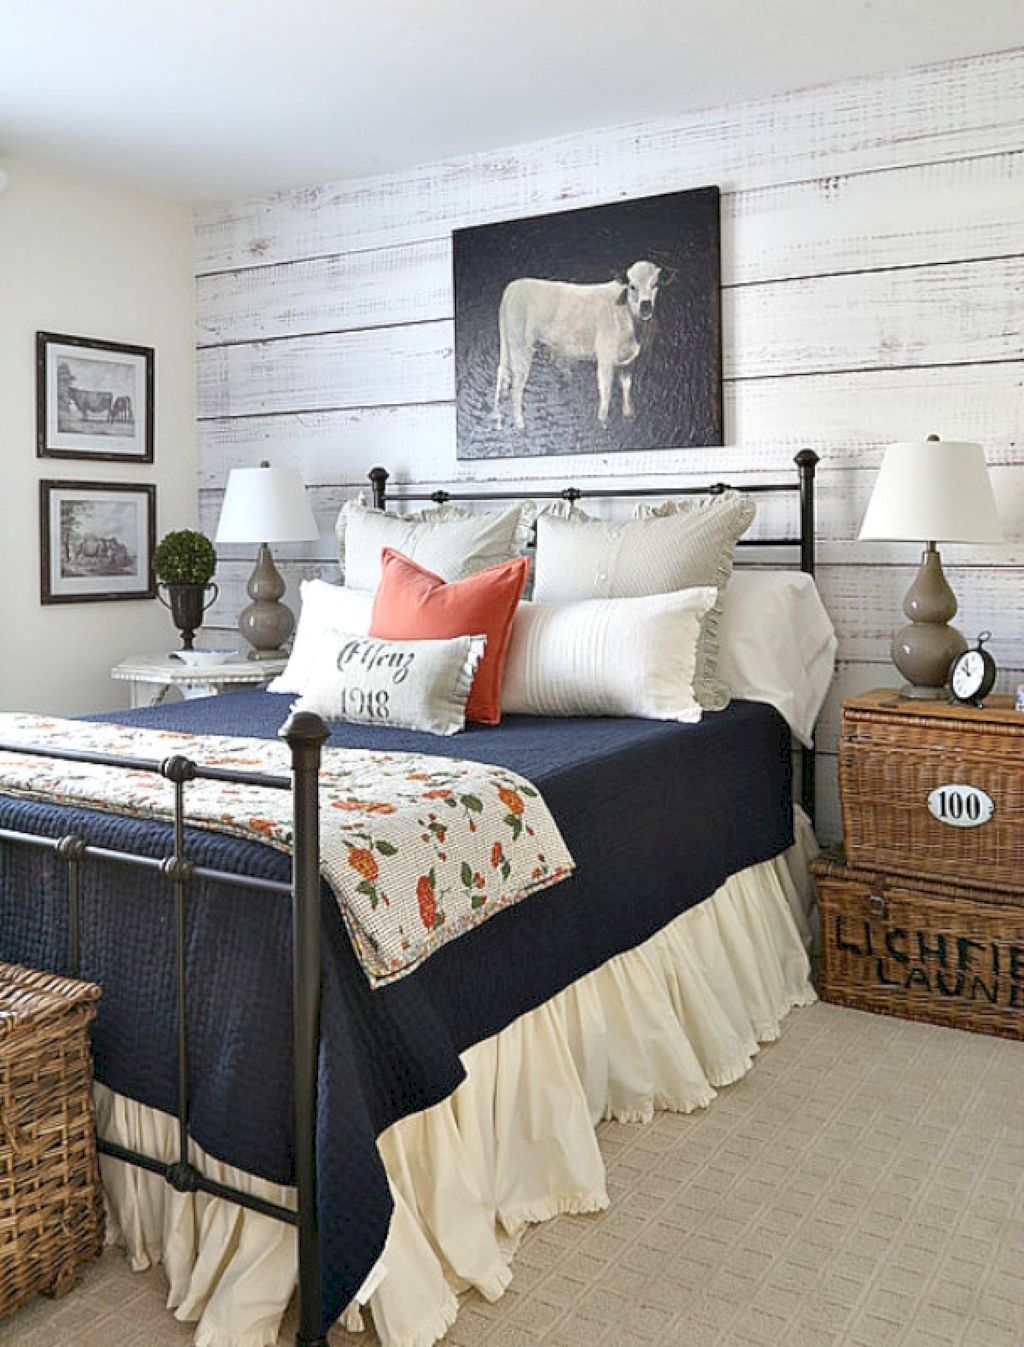 Master bedroom headboard design ideas  Make Your Bedroom ucSizzleud with Unique Headboard Designs  Bedroom